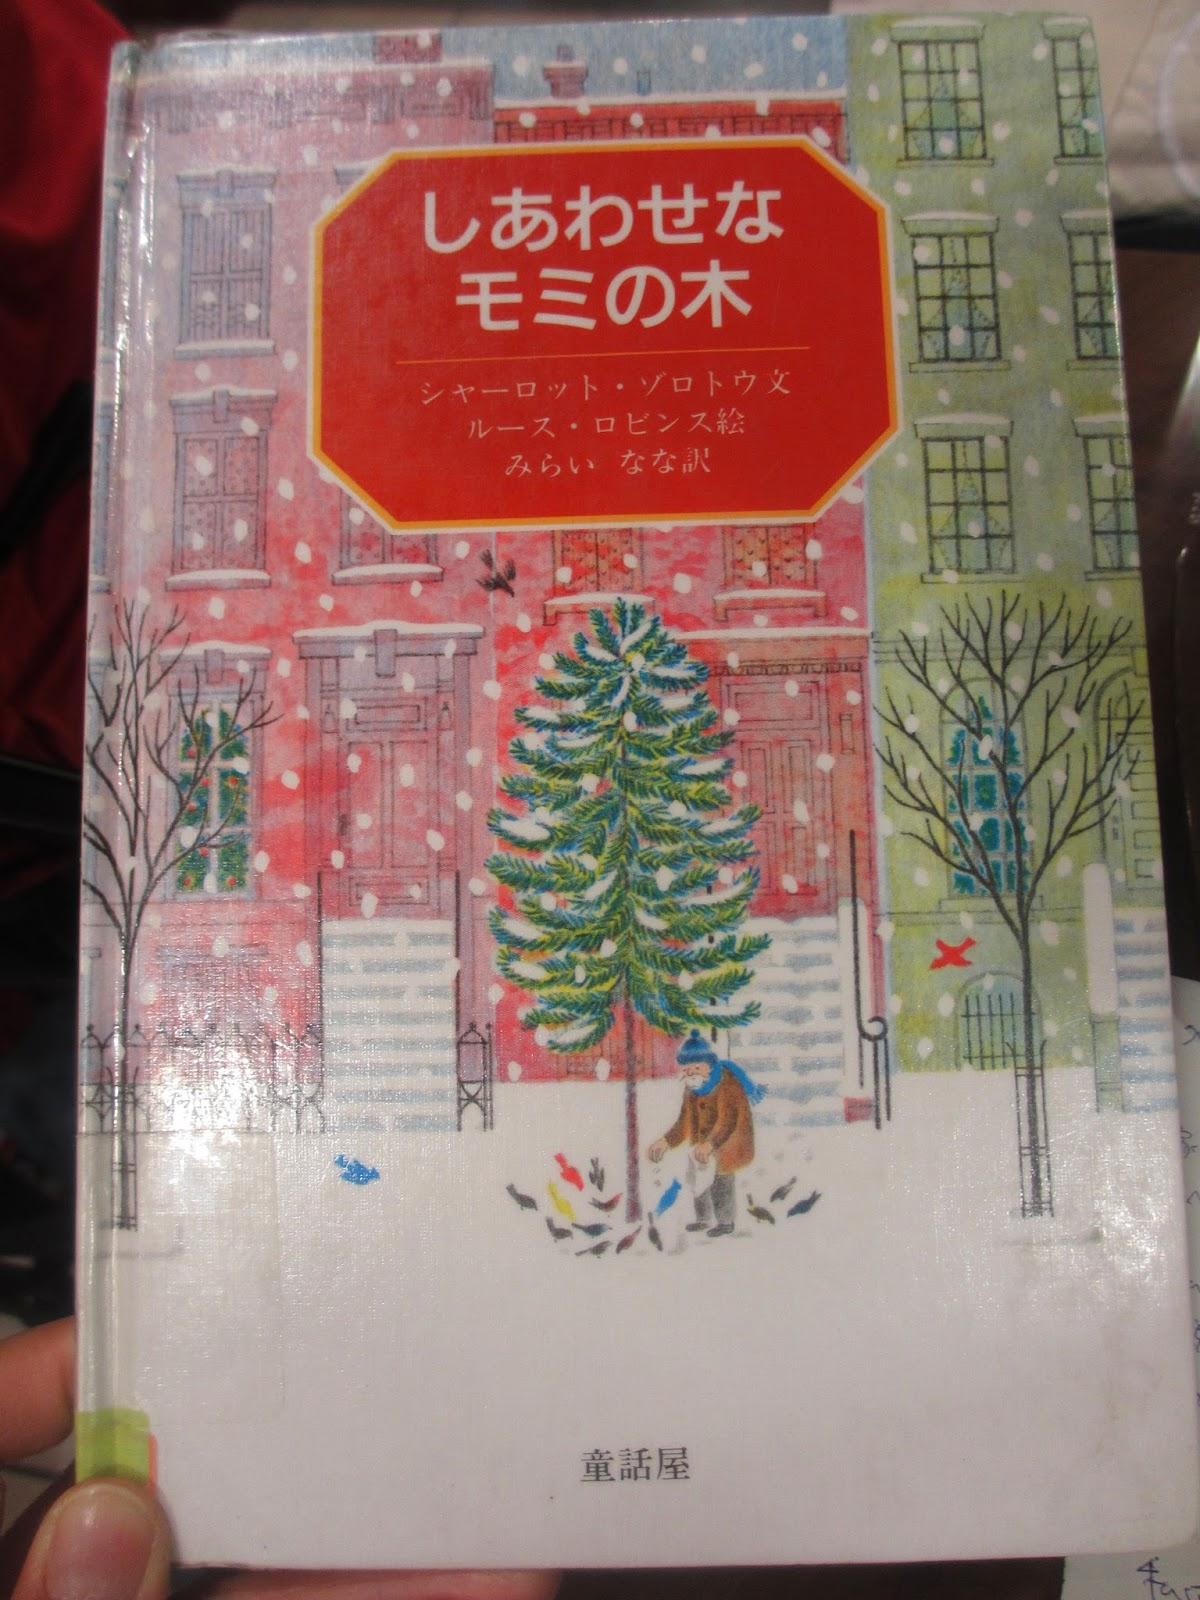 Ik ben Akko 翻訳遊び『ぐりとぐらとすみれちゃん』